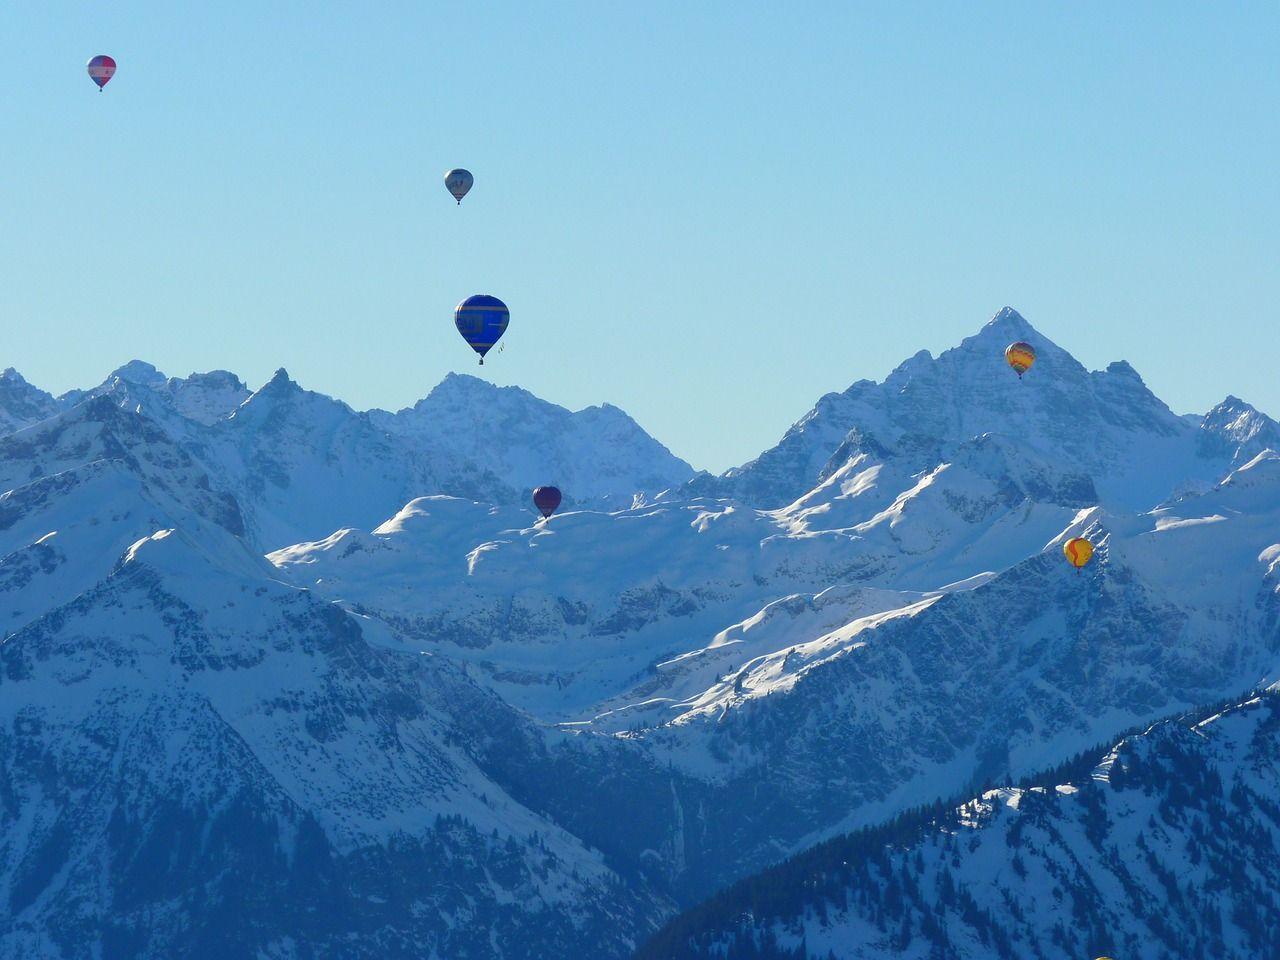 balloon-4759_1280.jpg (1280×960)